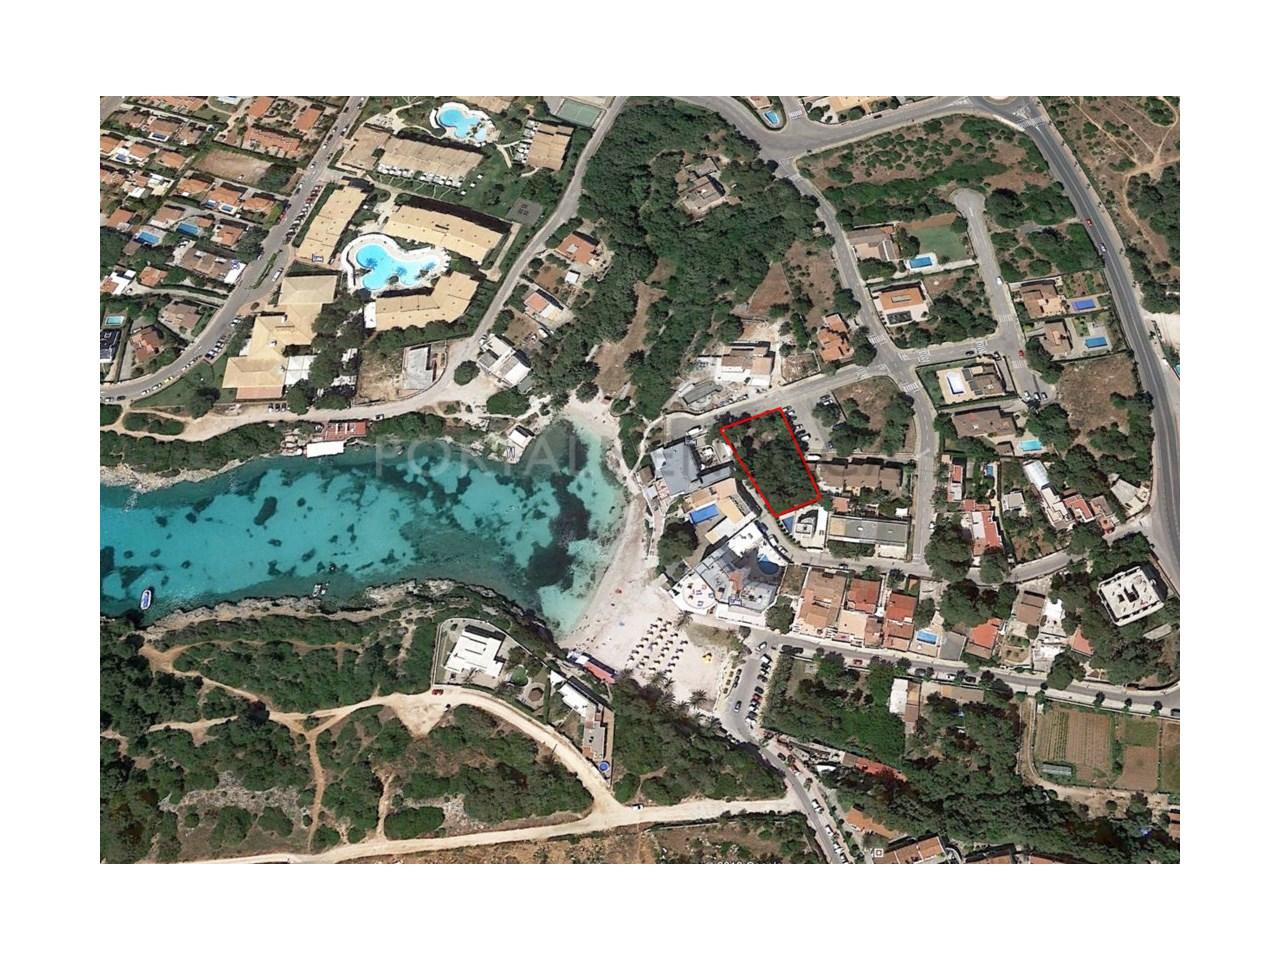 Parcela en venta en Santandria, imagen aérea